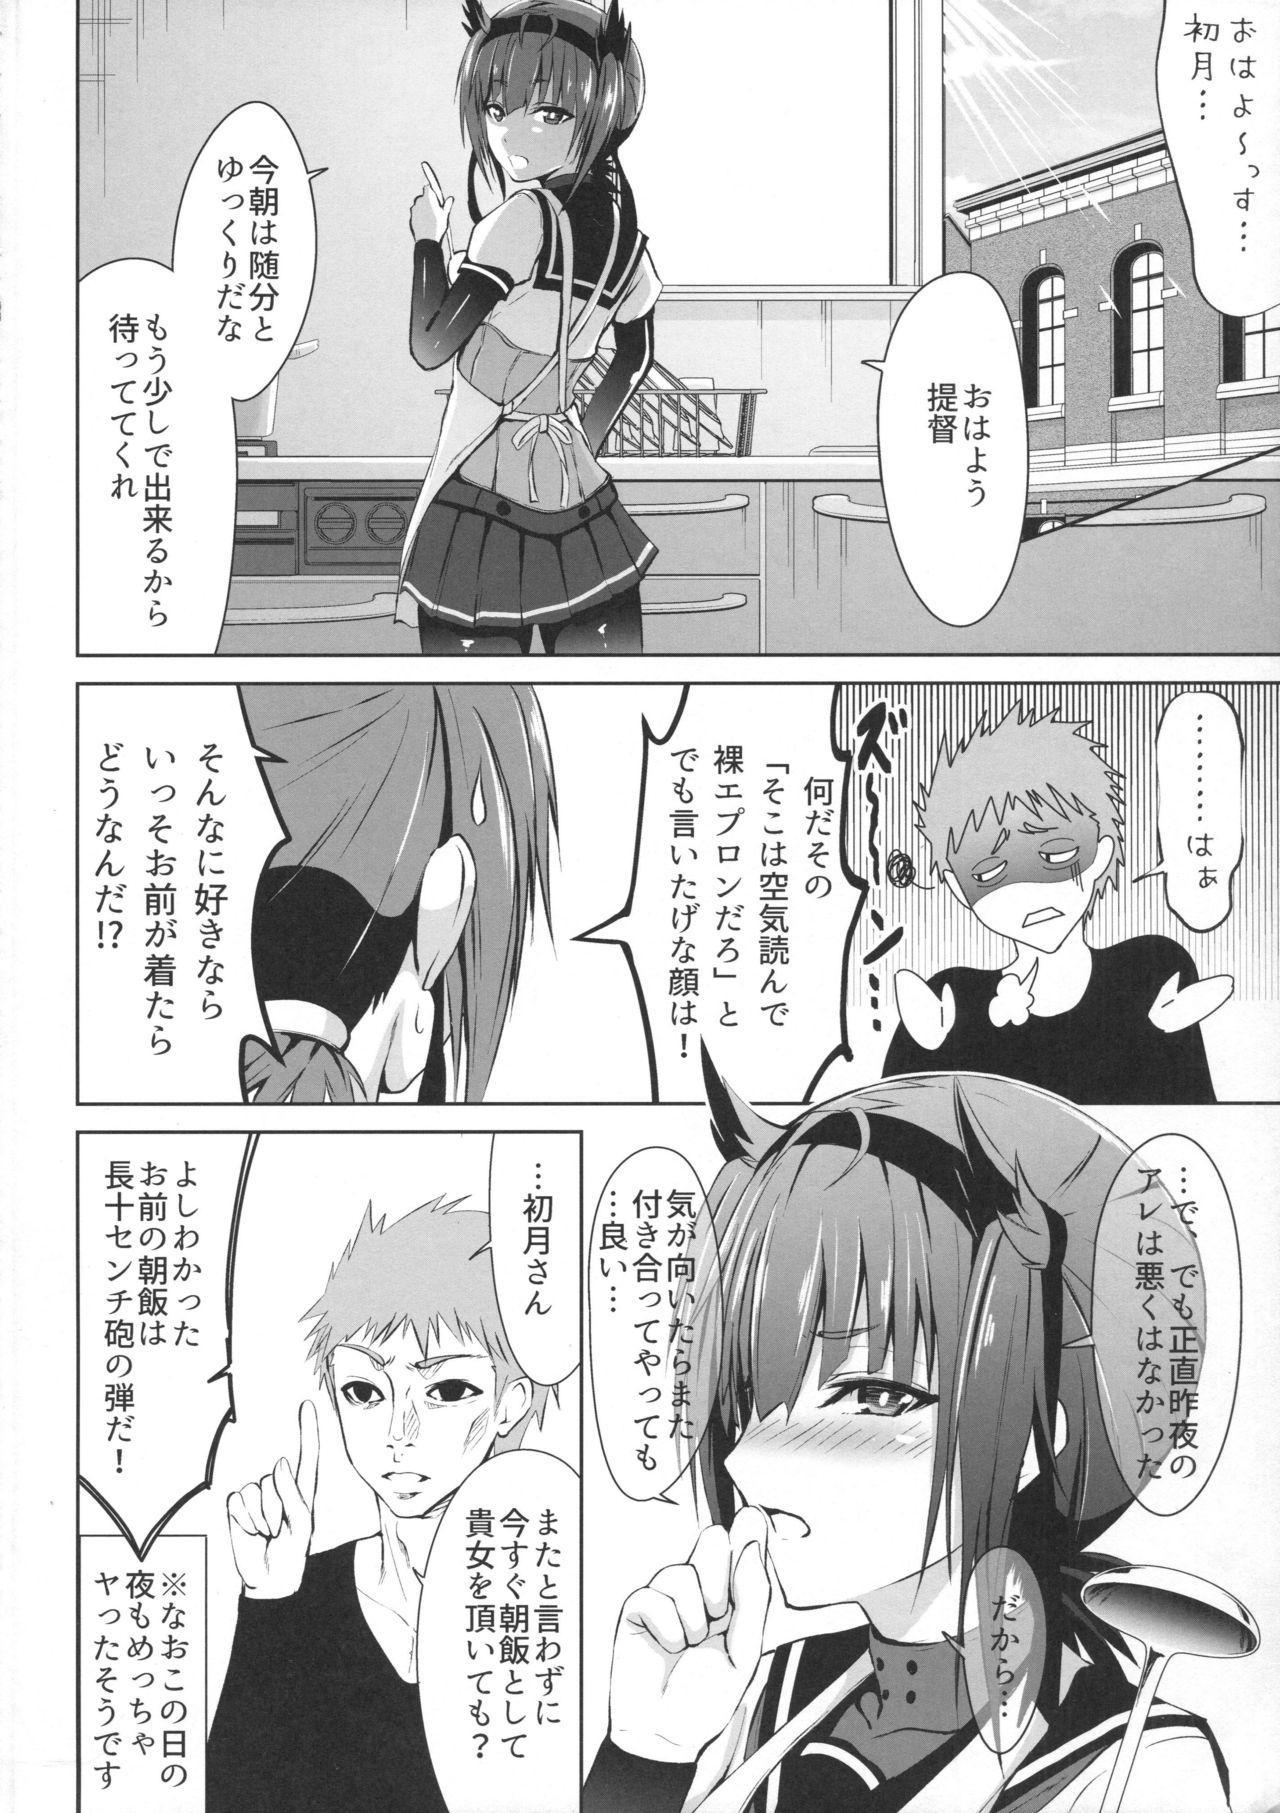 Mitsugetsu Destroyer 2 22